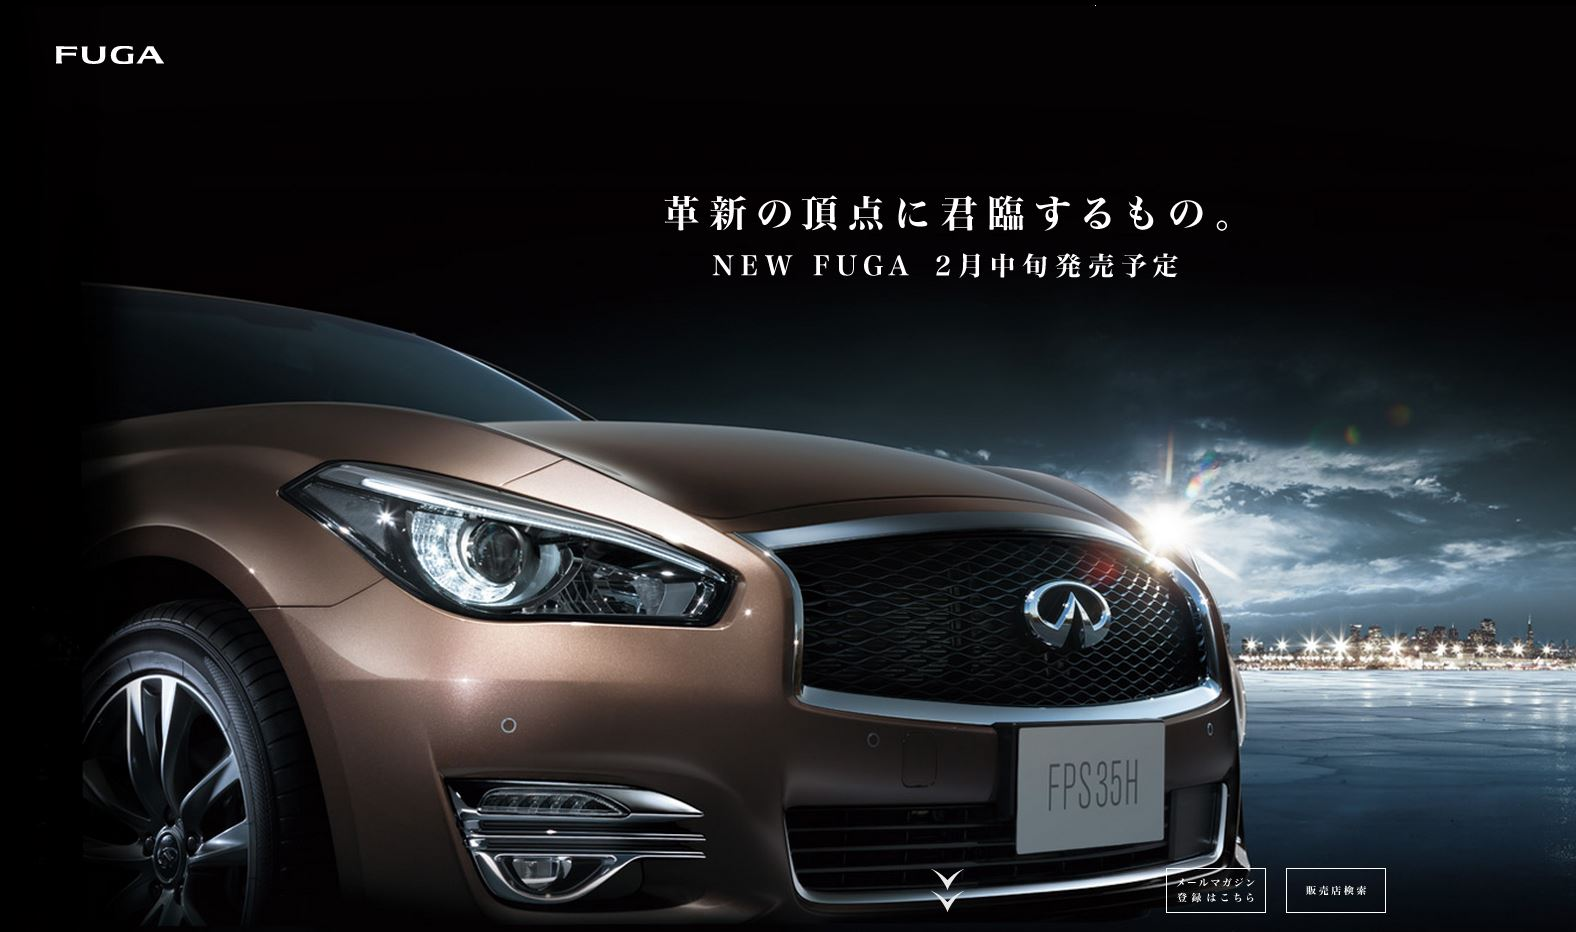 日産 新型フーガ 2015 00